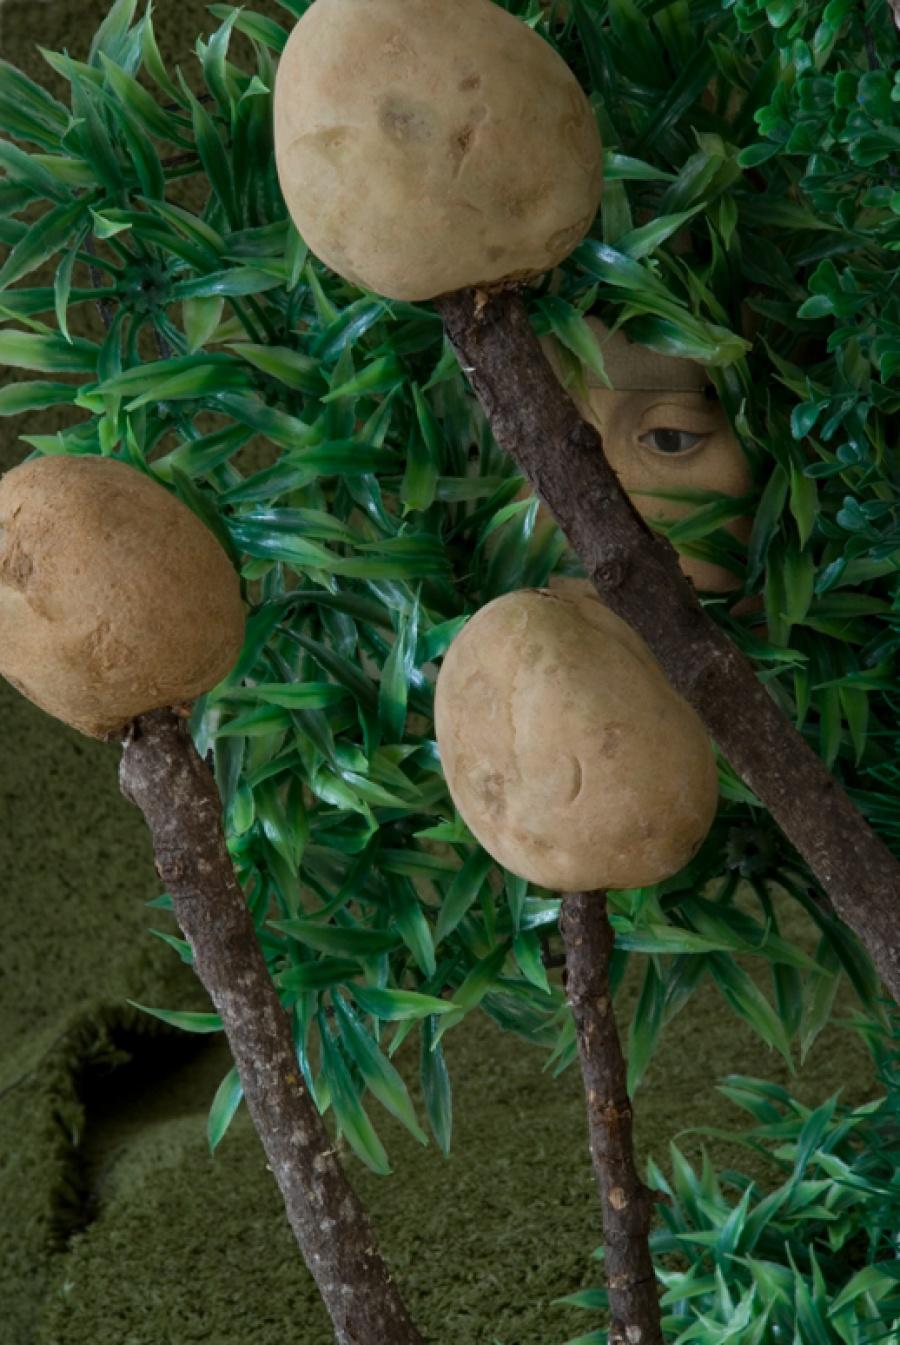 The Potato Days (van der Weyden)